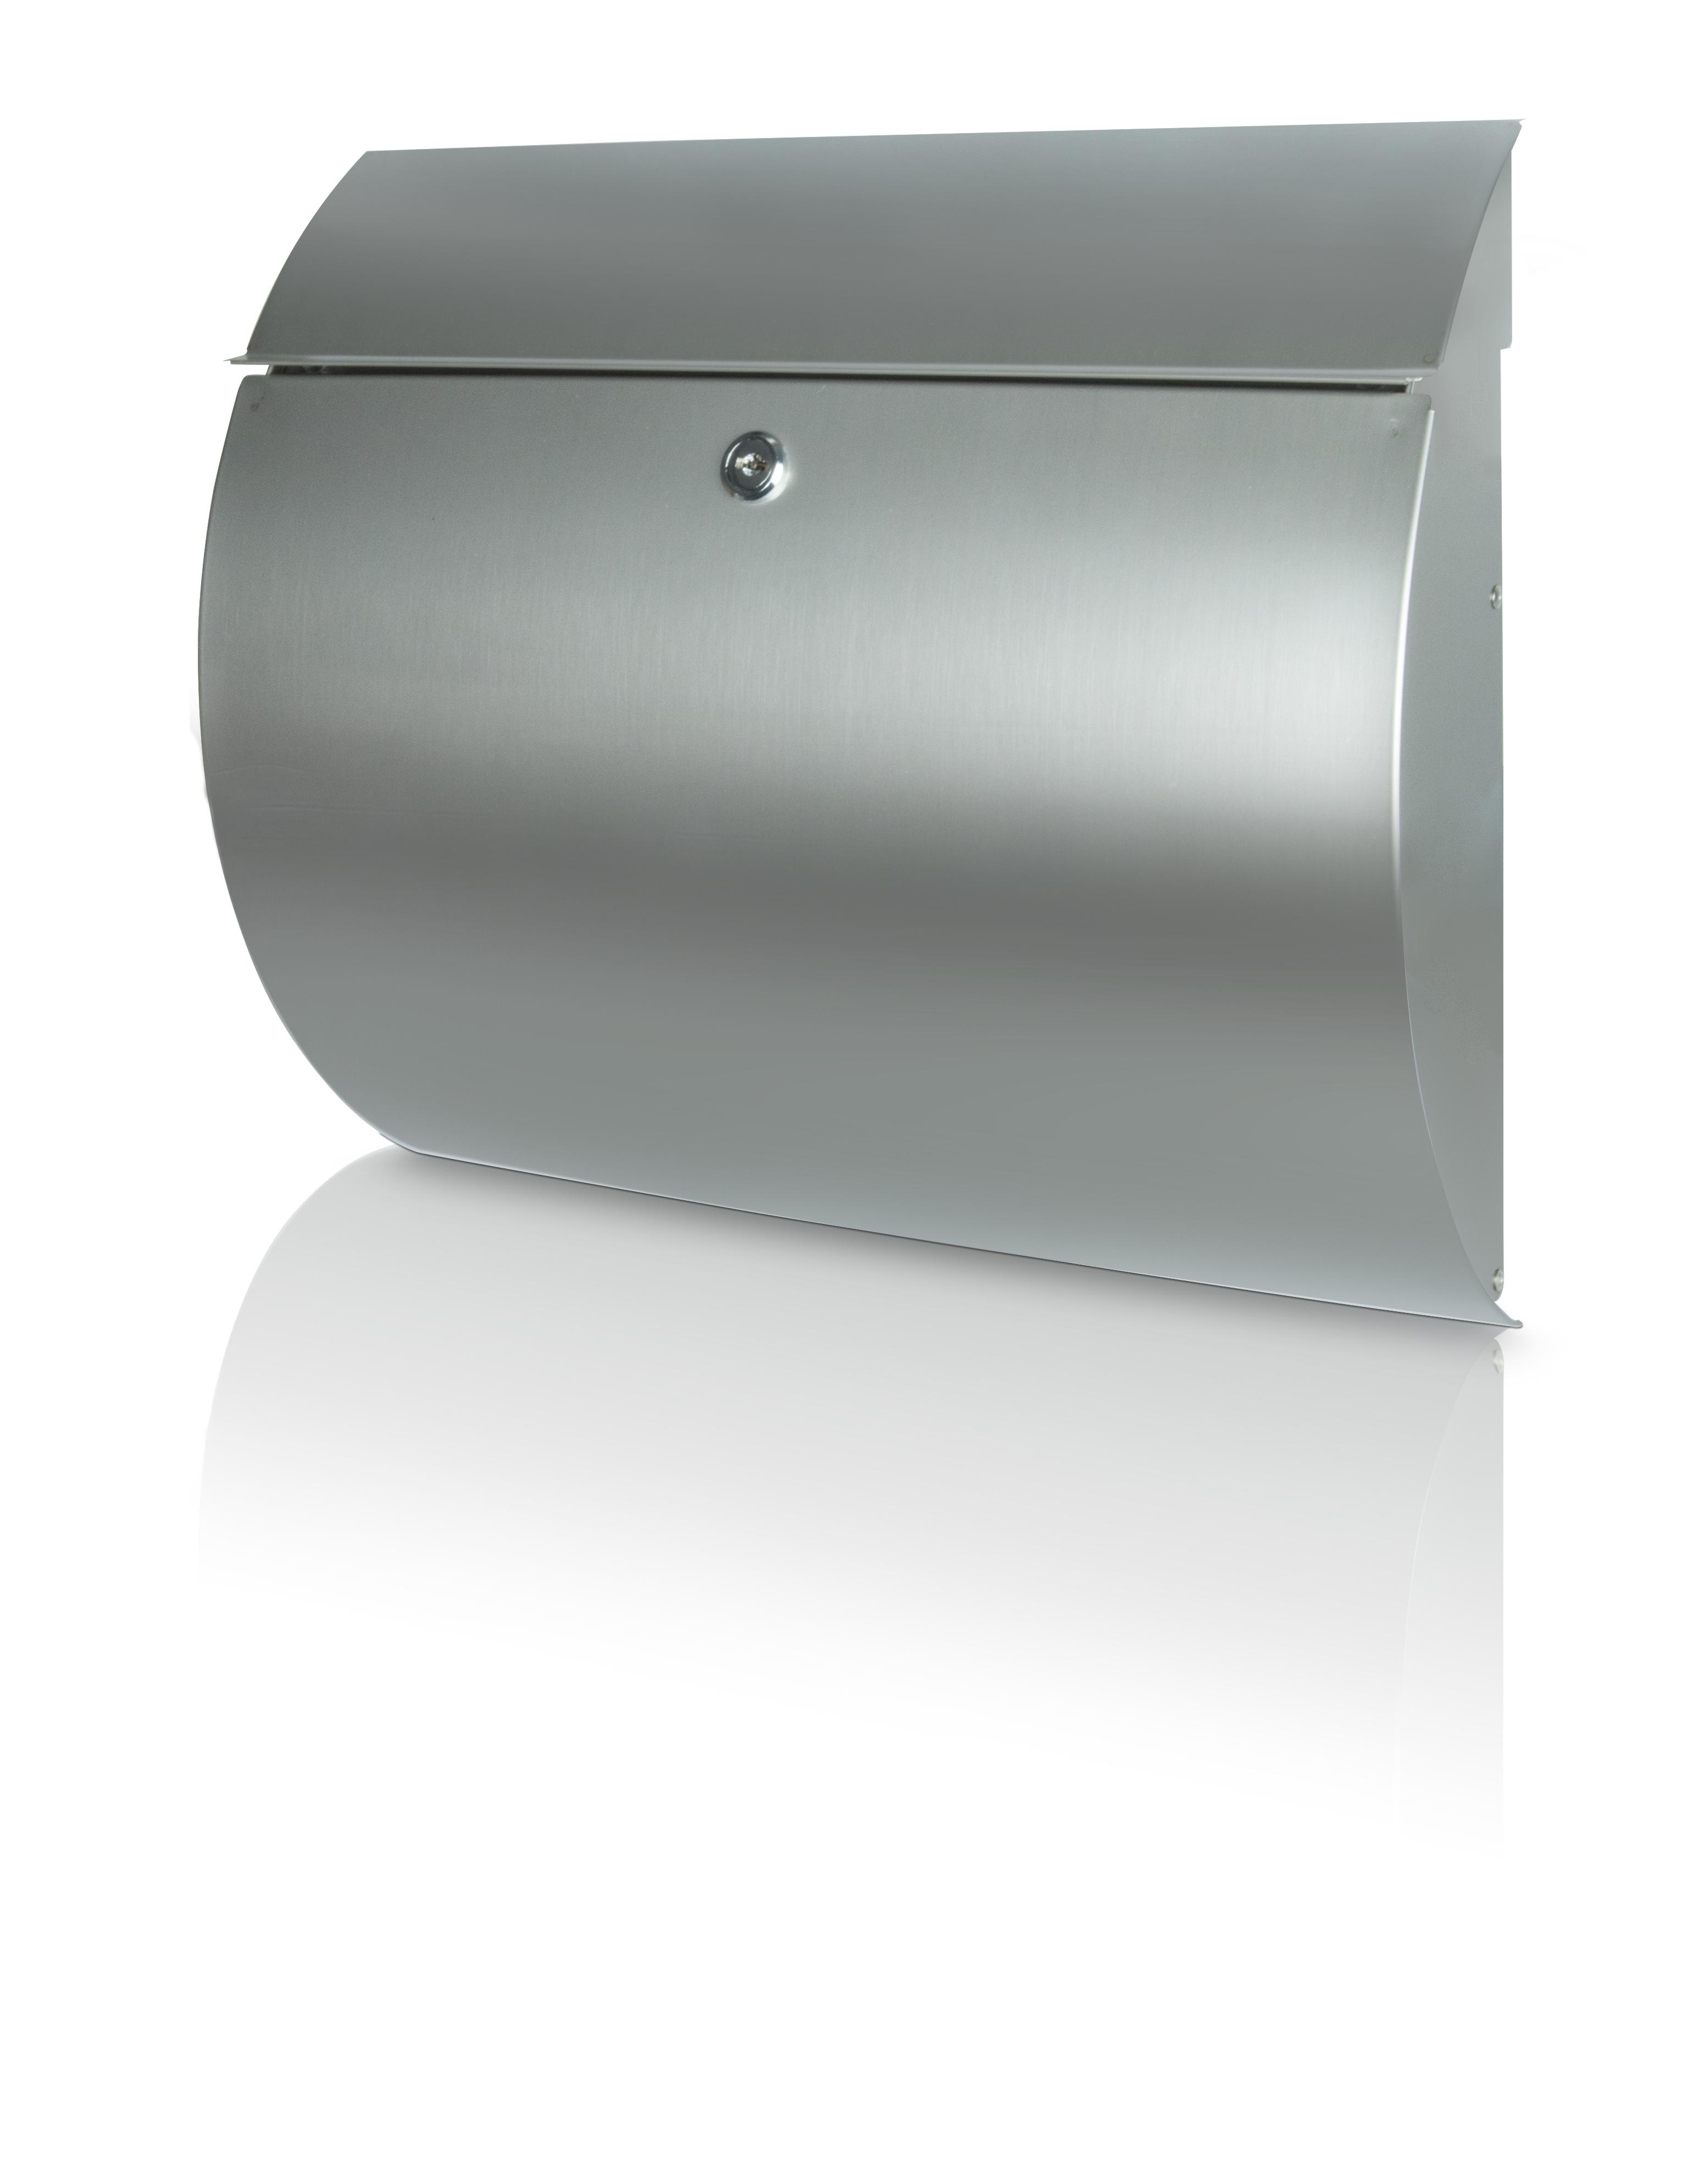 briefkasten toscana 3856 edelstahl edelstahl briefkasten. Black Bedroom Furniture Sets. Home Design Ideas